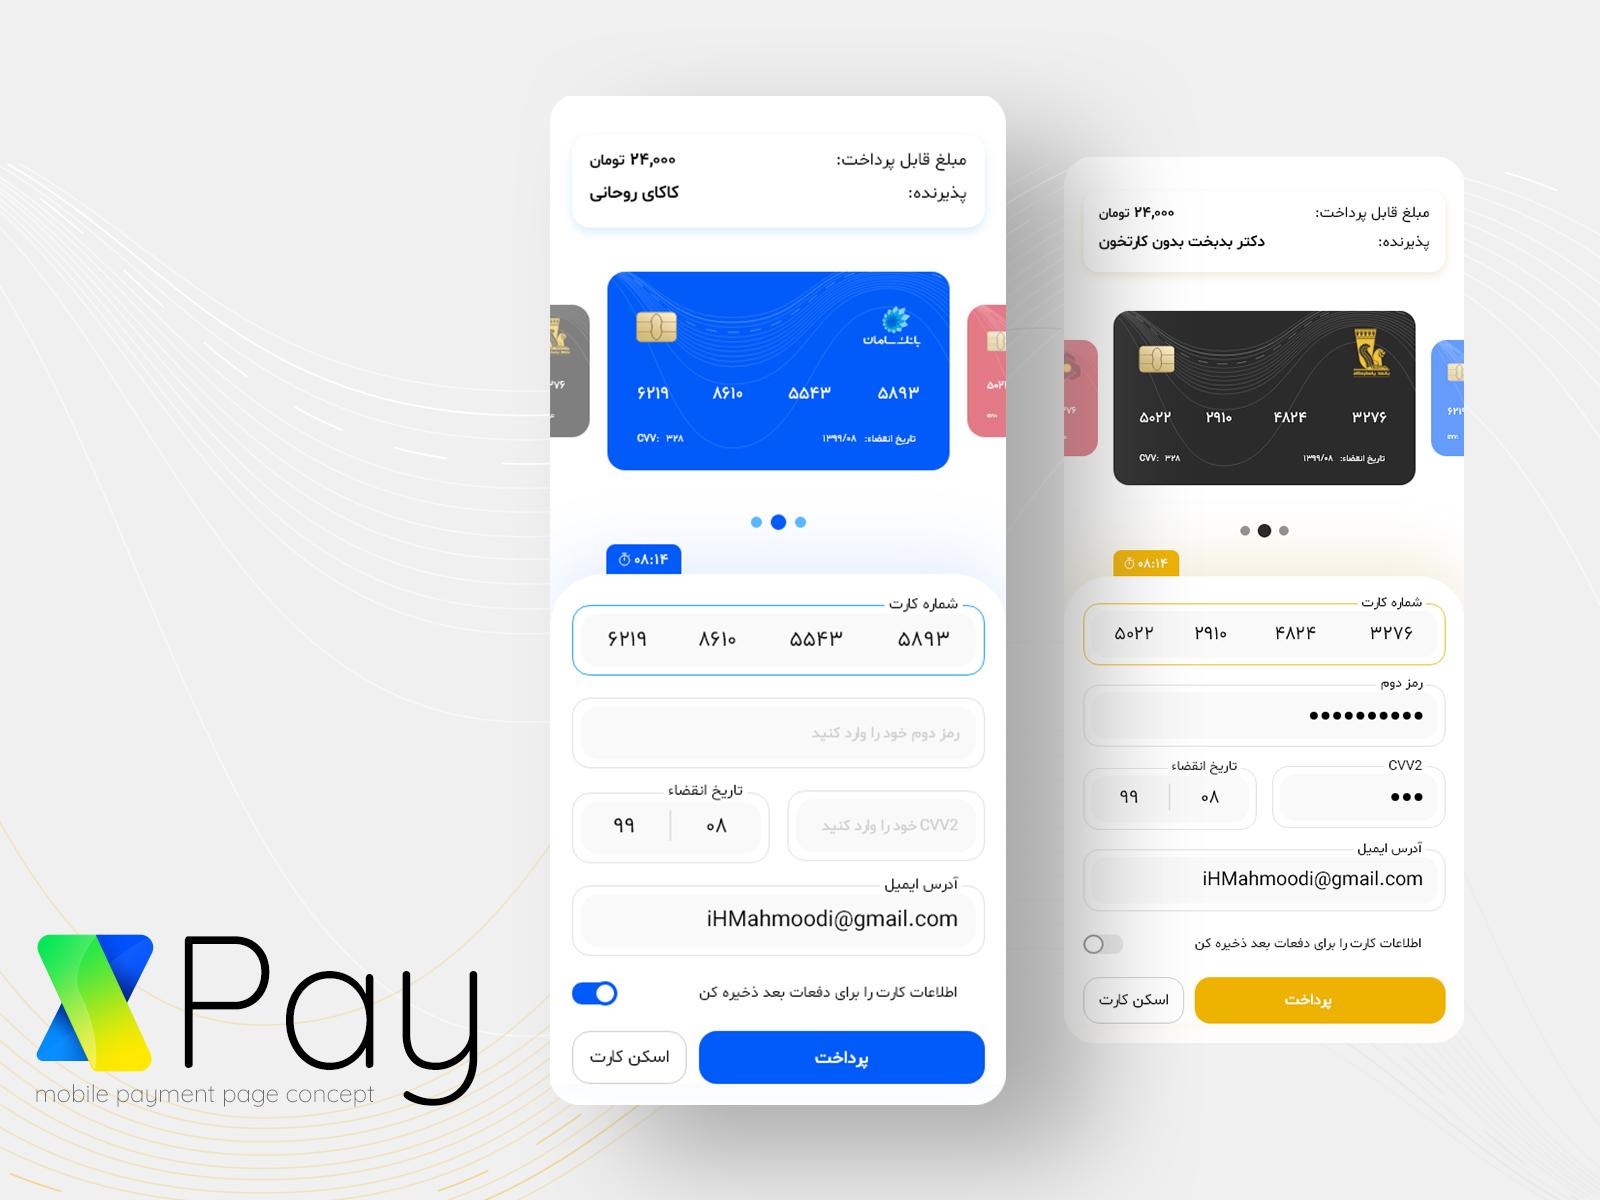 نمونهکار: رابط کاربری صفحه پرداخت بانک XPay